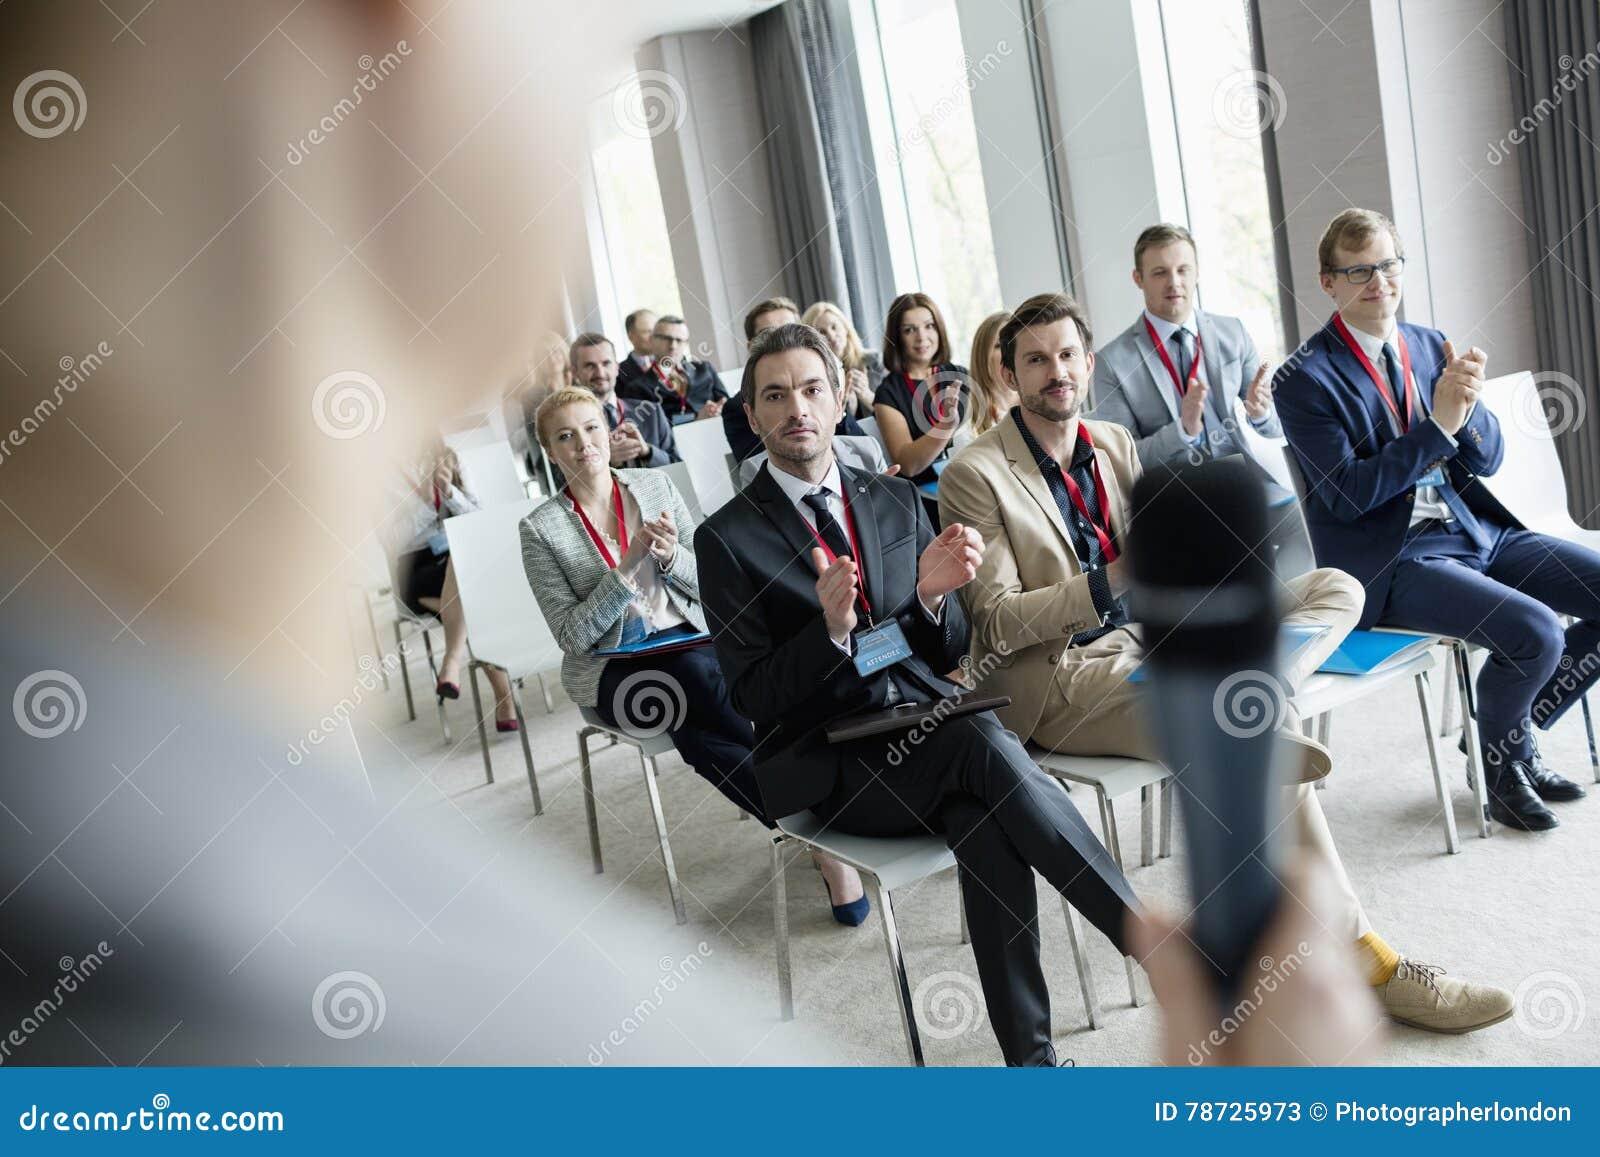 Hombres de negocios que aplauden para el orador durante seminario en el centro de convenio